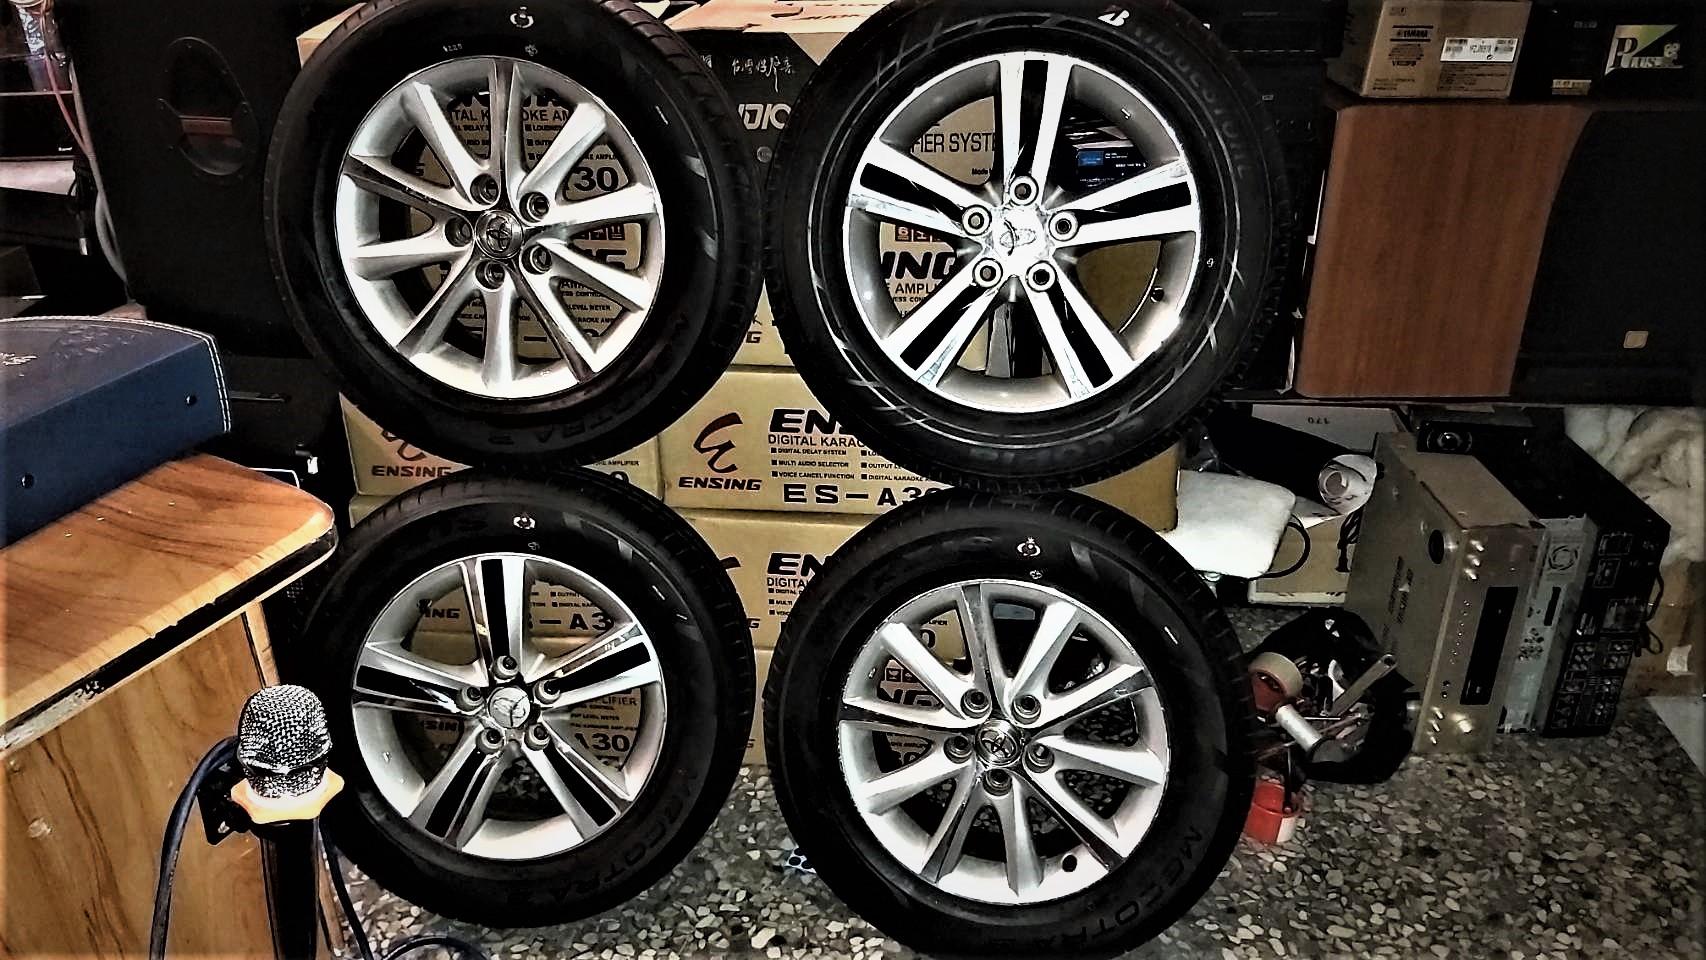 )))買 鋁圈(((4顆 16吋 5孔 114.3 )))送 輪胎 (((4條 MAXXIS 瑪吉斯 215/65/16